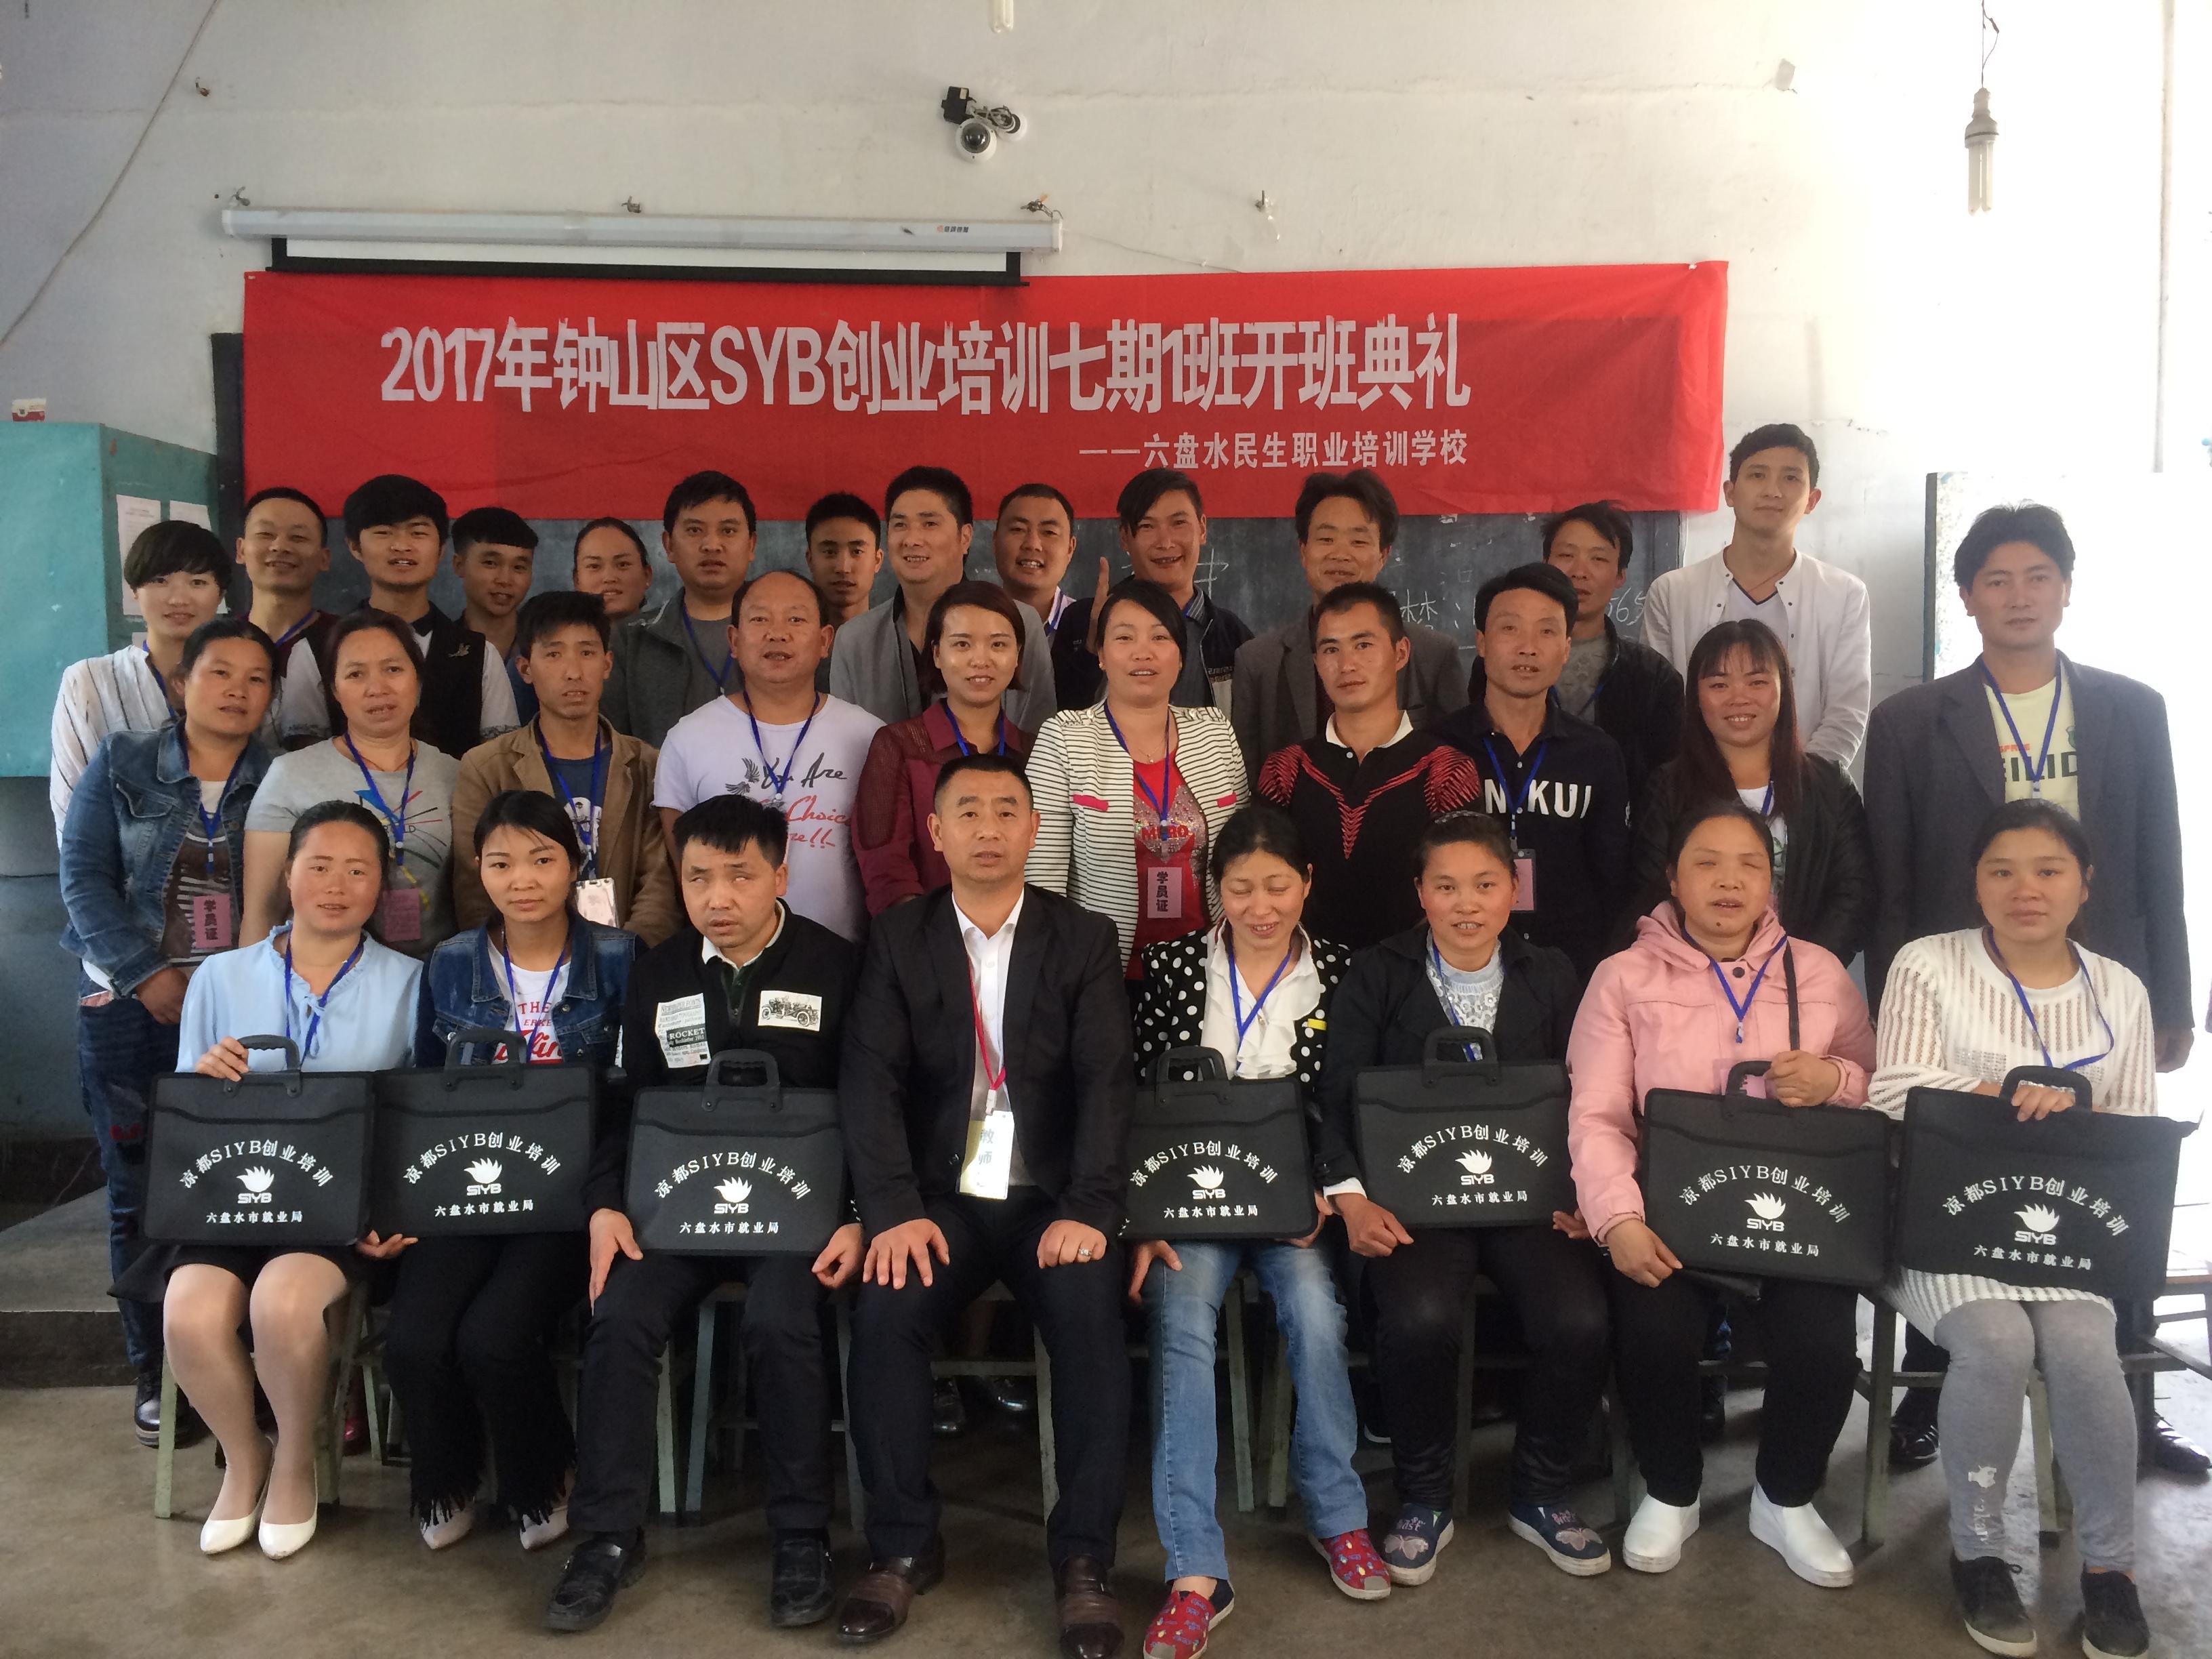 2017年钟山区SYB创业培训七期1班开班